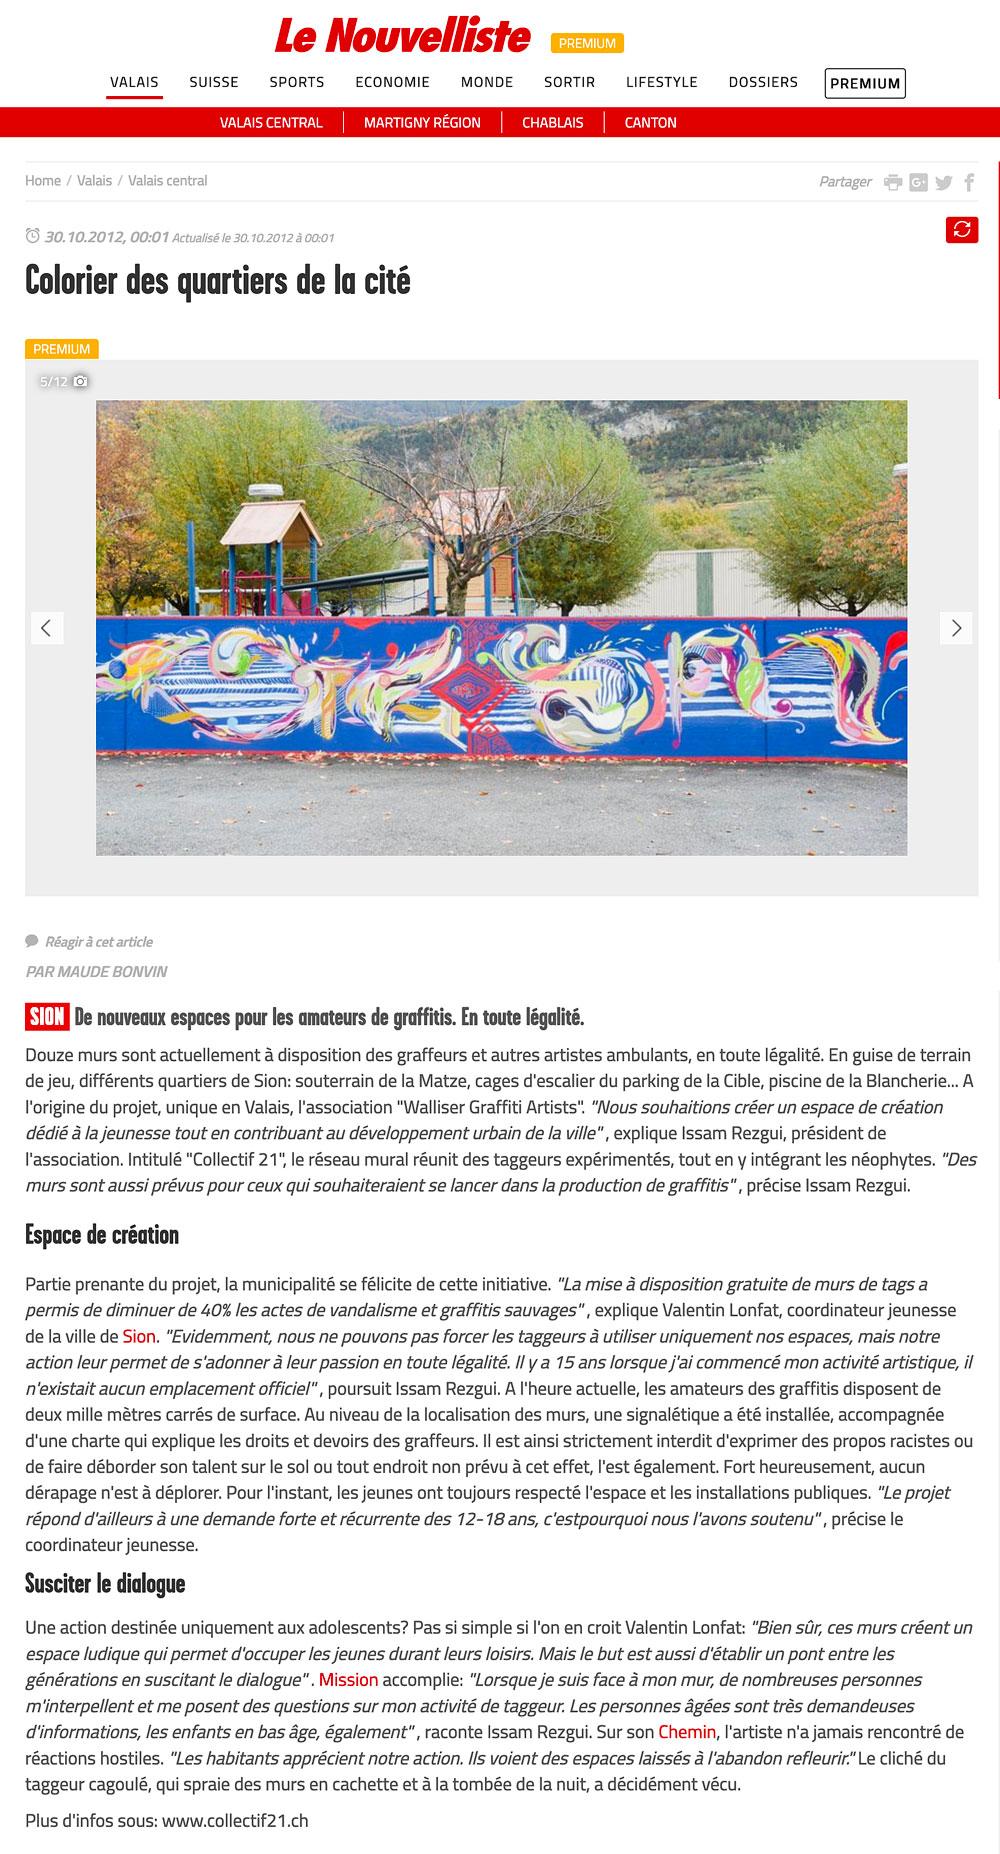 article de presse le nouvelliste valais sion jasm 1 jasm1 jasm one issam rezgui sion suisse graffiti street art WGA walliser graffiti artist réseau graffiti légal collectif21 collectif 21